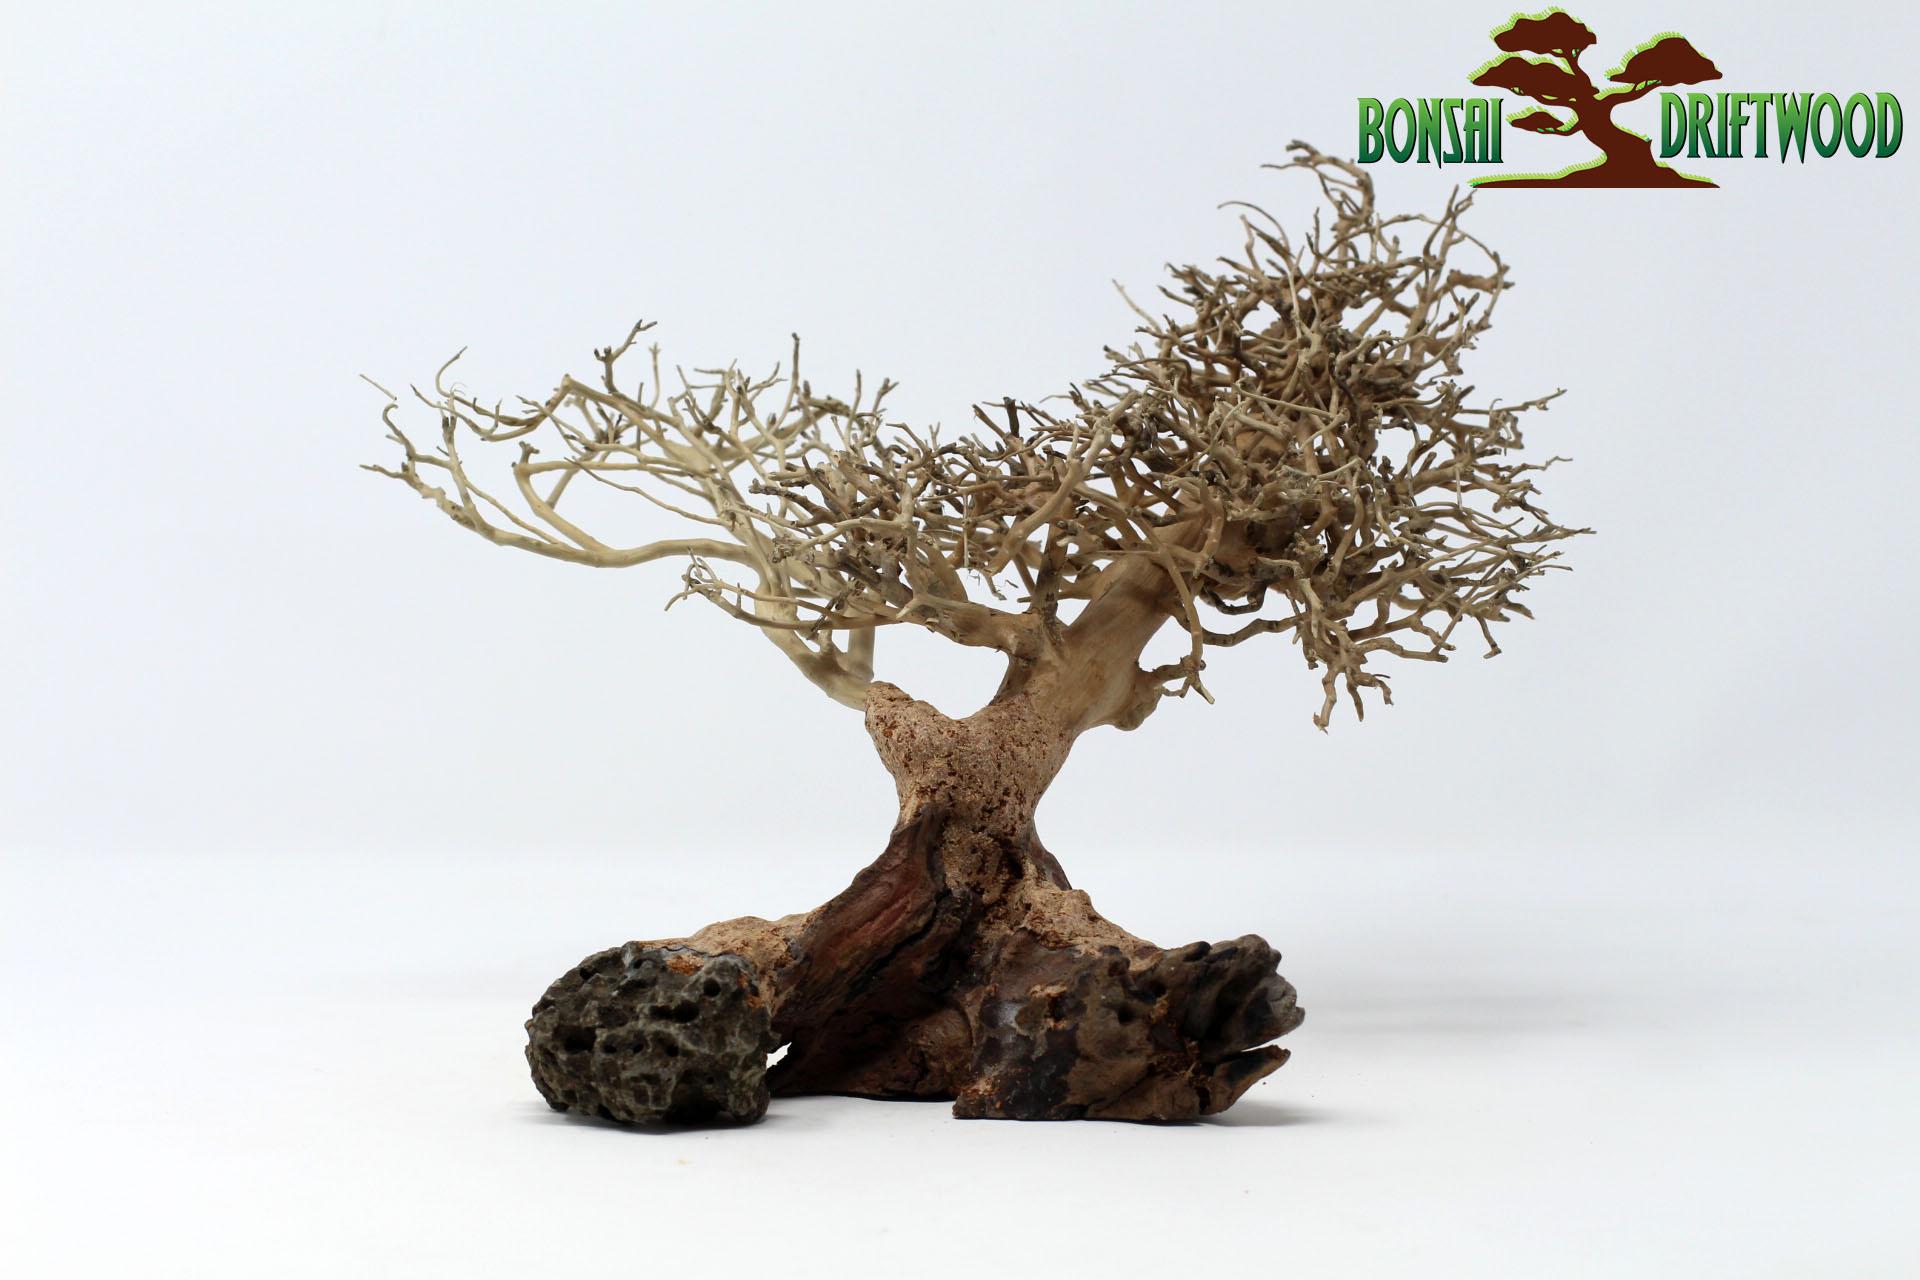 Một mẫu Bonsai driftwood natural tái chế từ các mẩu gỗ nhỏ, đẹp, độc, lạ được rao bán trên website https://bonsaidriftwood.com/ với giá 42$